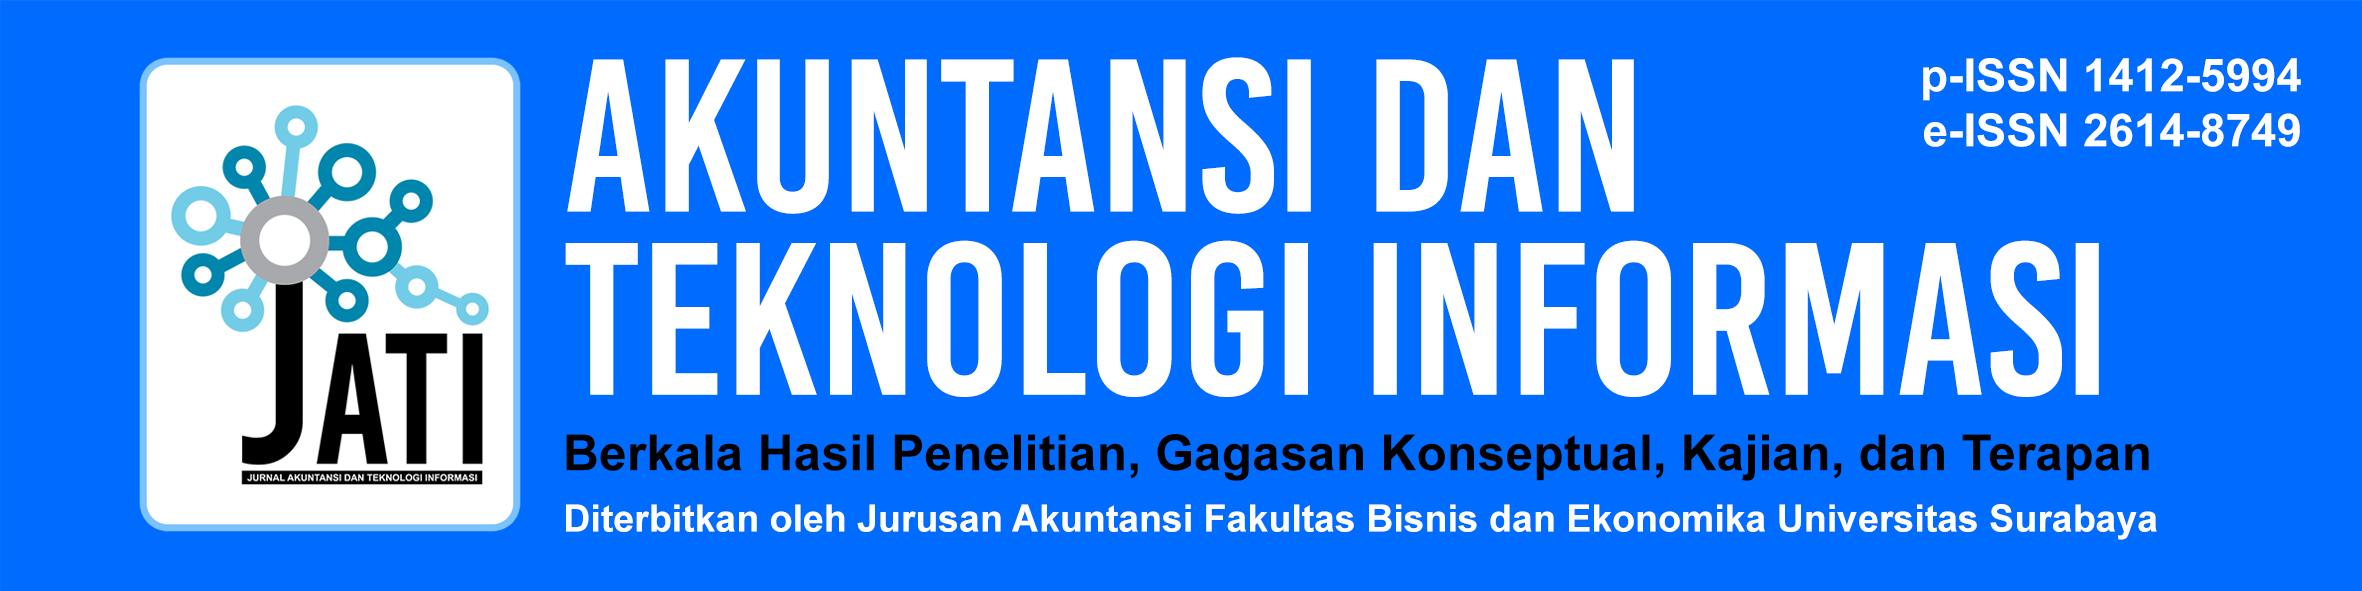 Akuntansi Dan Teknologi Informasi